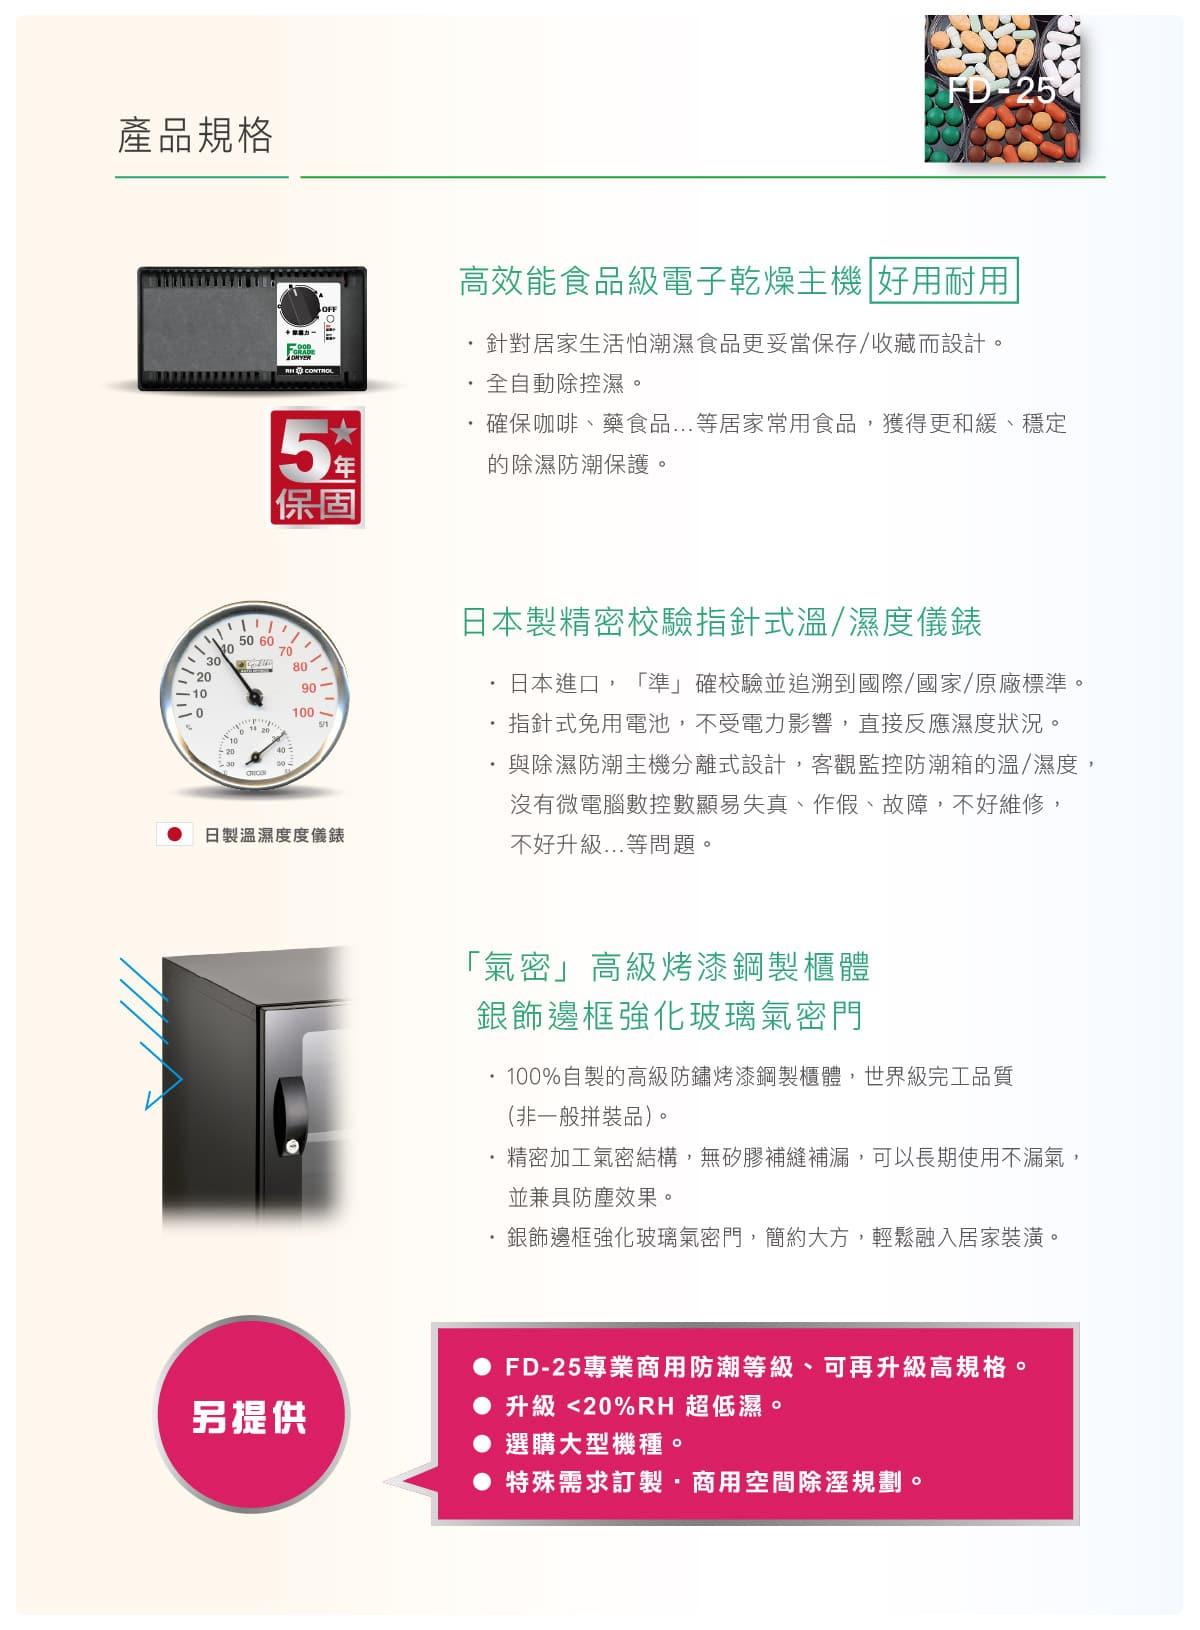 info FD 25 New 04 W1200